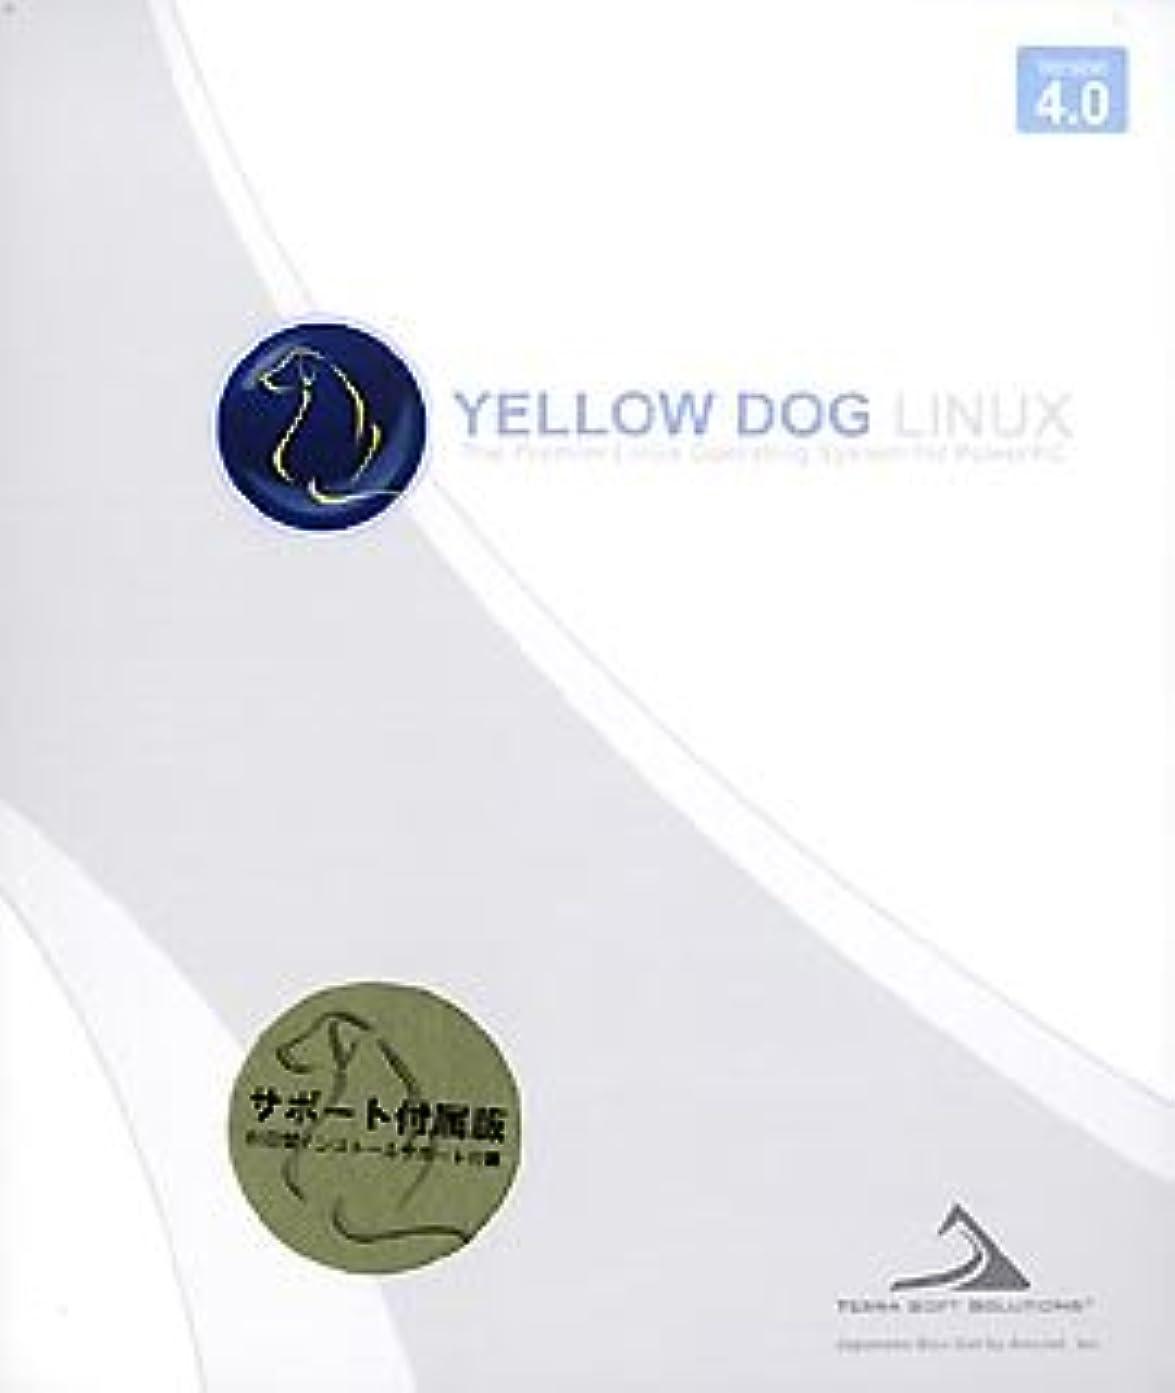 ポーチ判読できない放映Yellow Dog Linux 4.0 Japanese BOX set サポート付属版 60日間インストールサポート付属